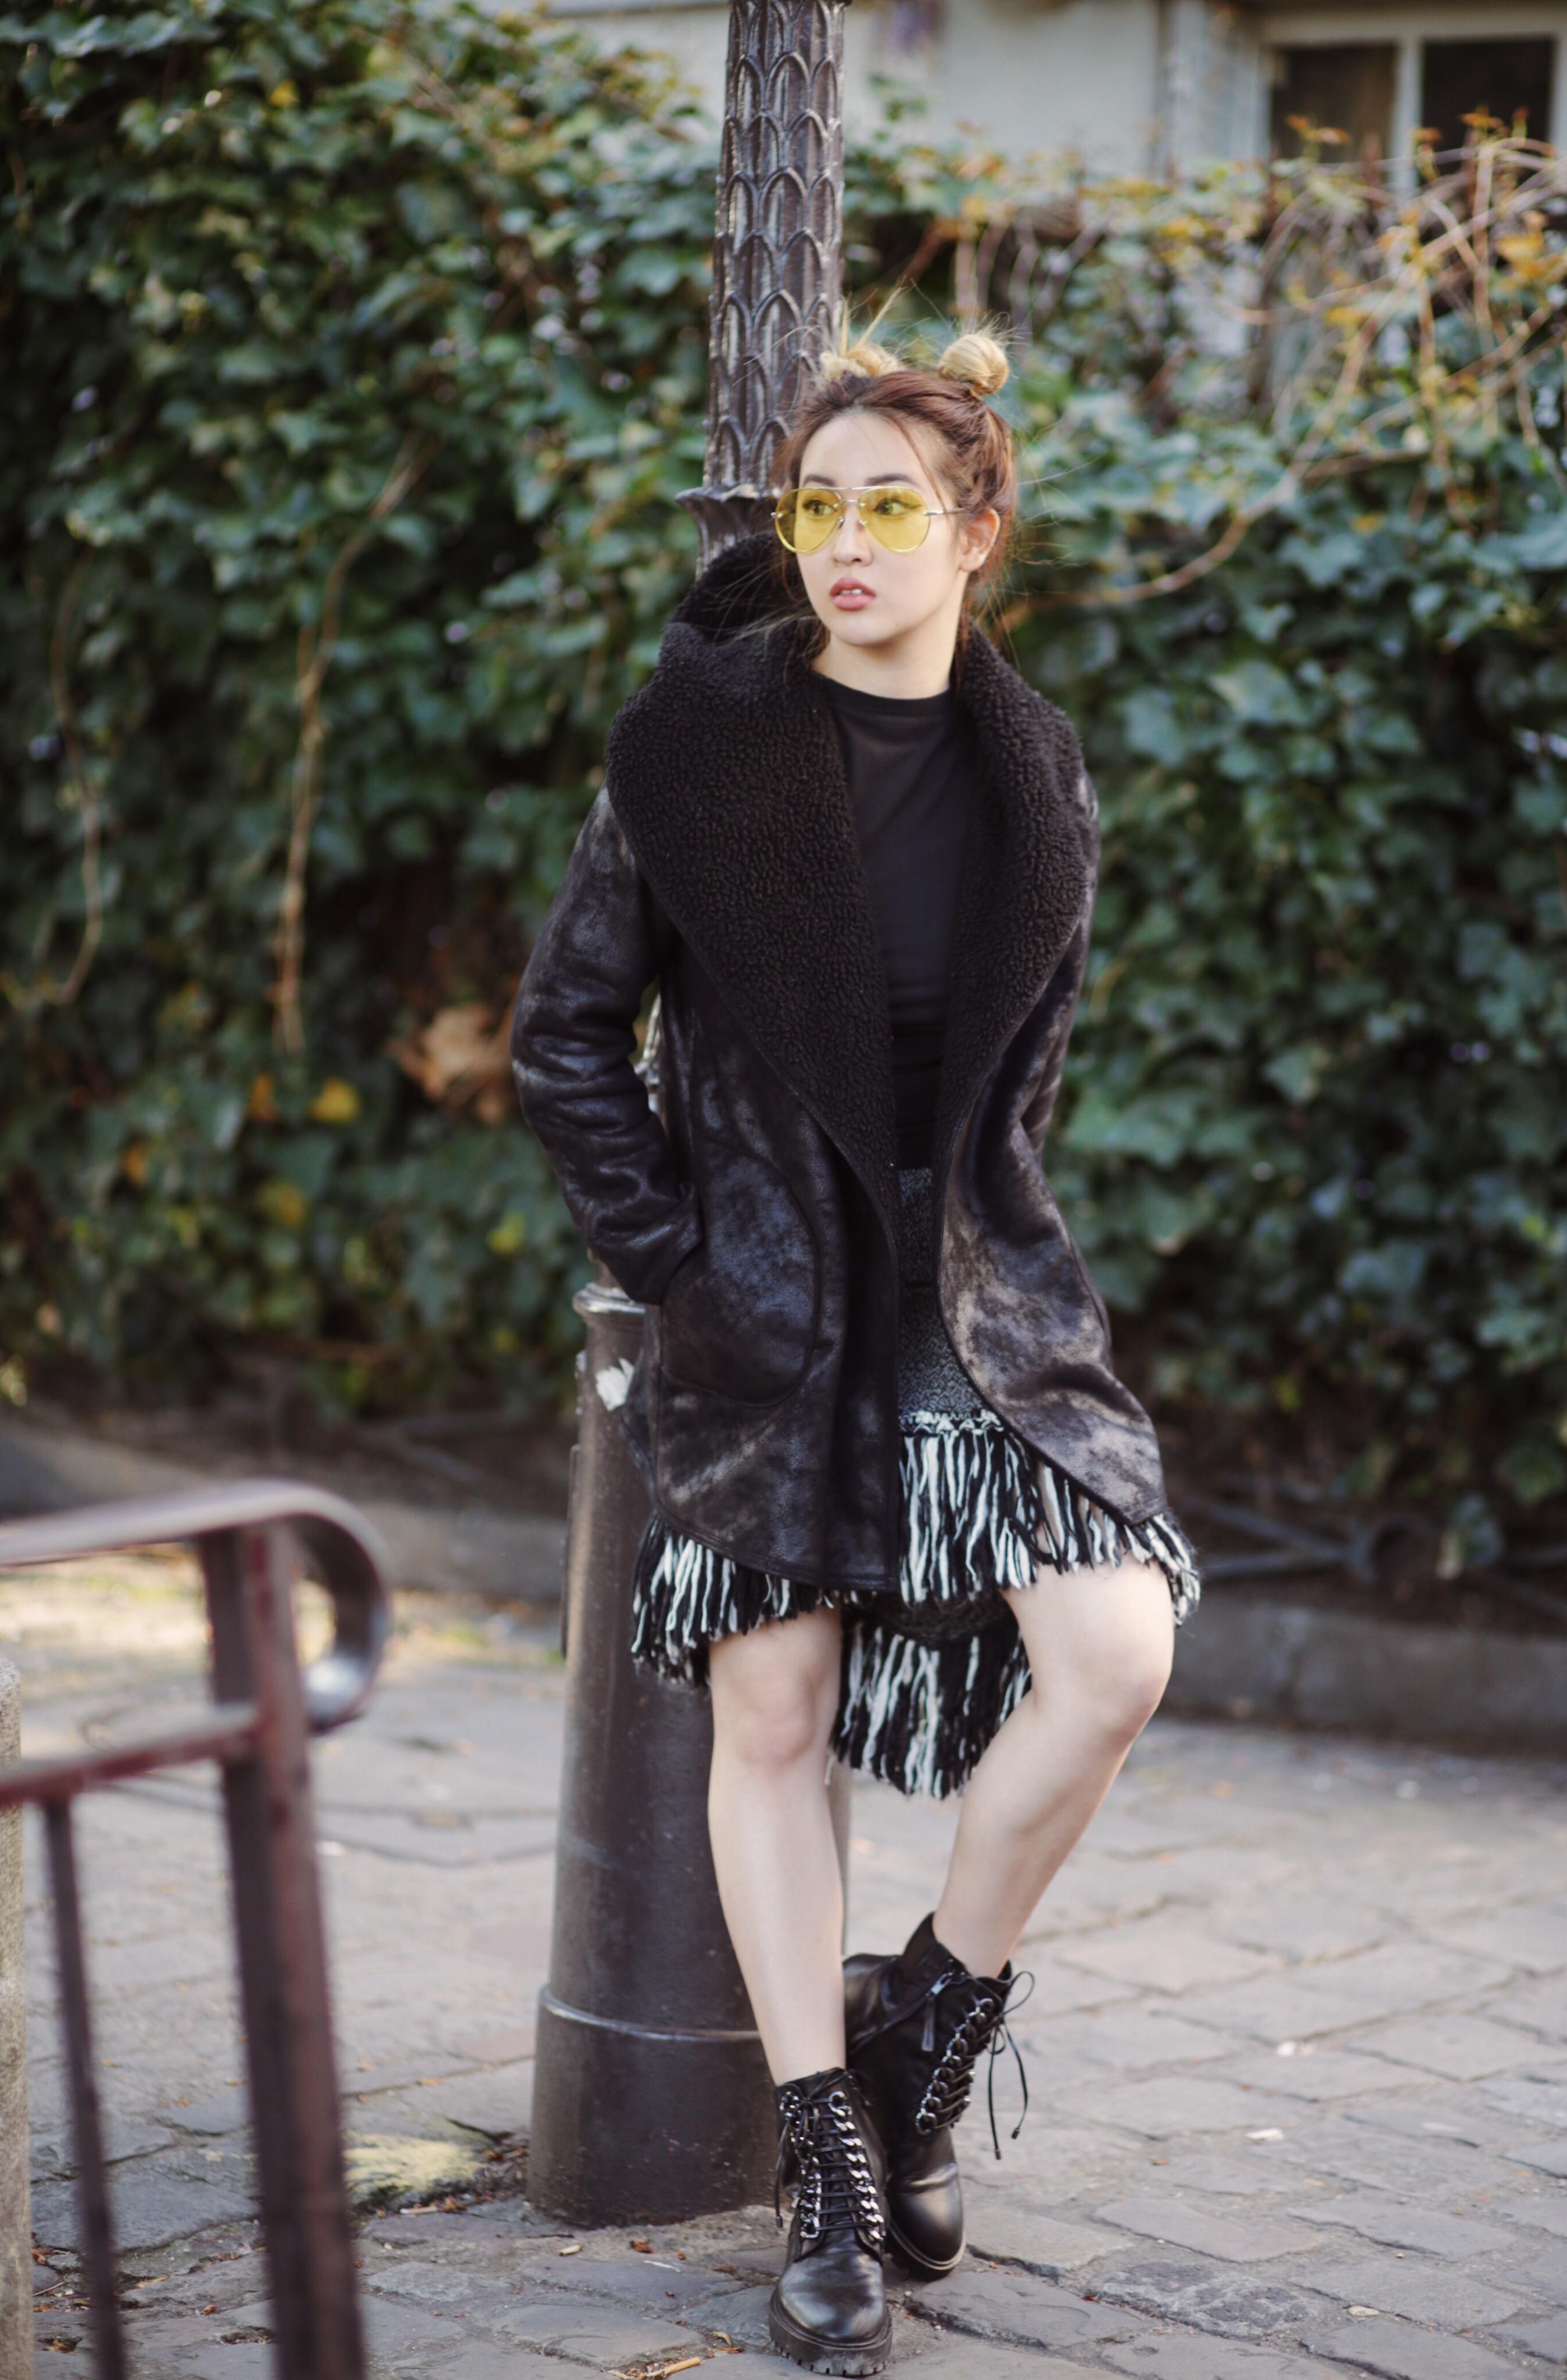 Ann Louie Li &quot;width =&quot; 2697 &quot;height =&quot; 4096 &quot;/&gt;</p><p>Ann Louie Li est une actrice philippine-chinoise-taïwanaise, mannequin et blogueuse de mode qui a rassemblé plus d&#39;un million d&#39;adeptes sur Facebook. Elle a un blog de photographie appelé Annsnaps, qui fournit des conseils sur la mode et le style de vie à ses nombreux fans. En 2017, le magazine Forbes l&#39;a inscrite sur la liste «30 moins de 30 ans» d&#39;Asie sous «Les arts» <sup id=